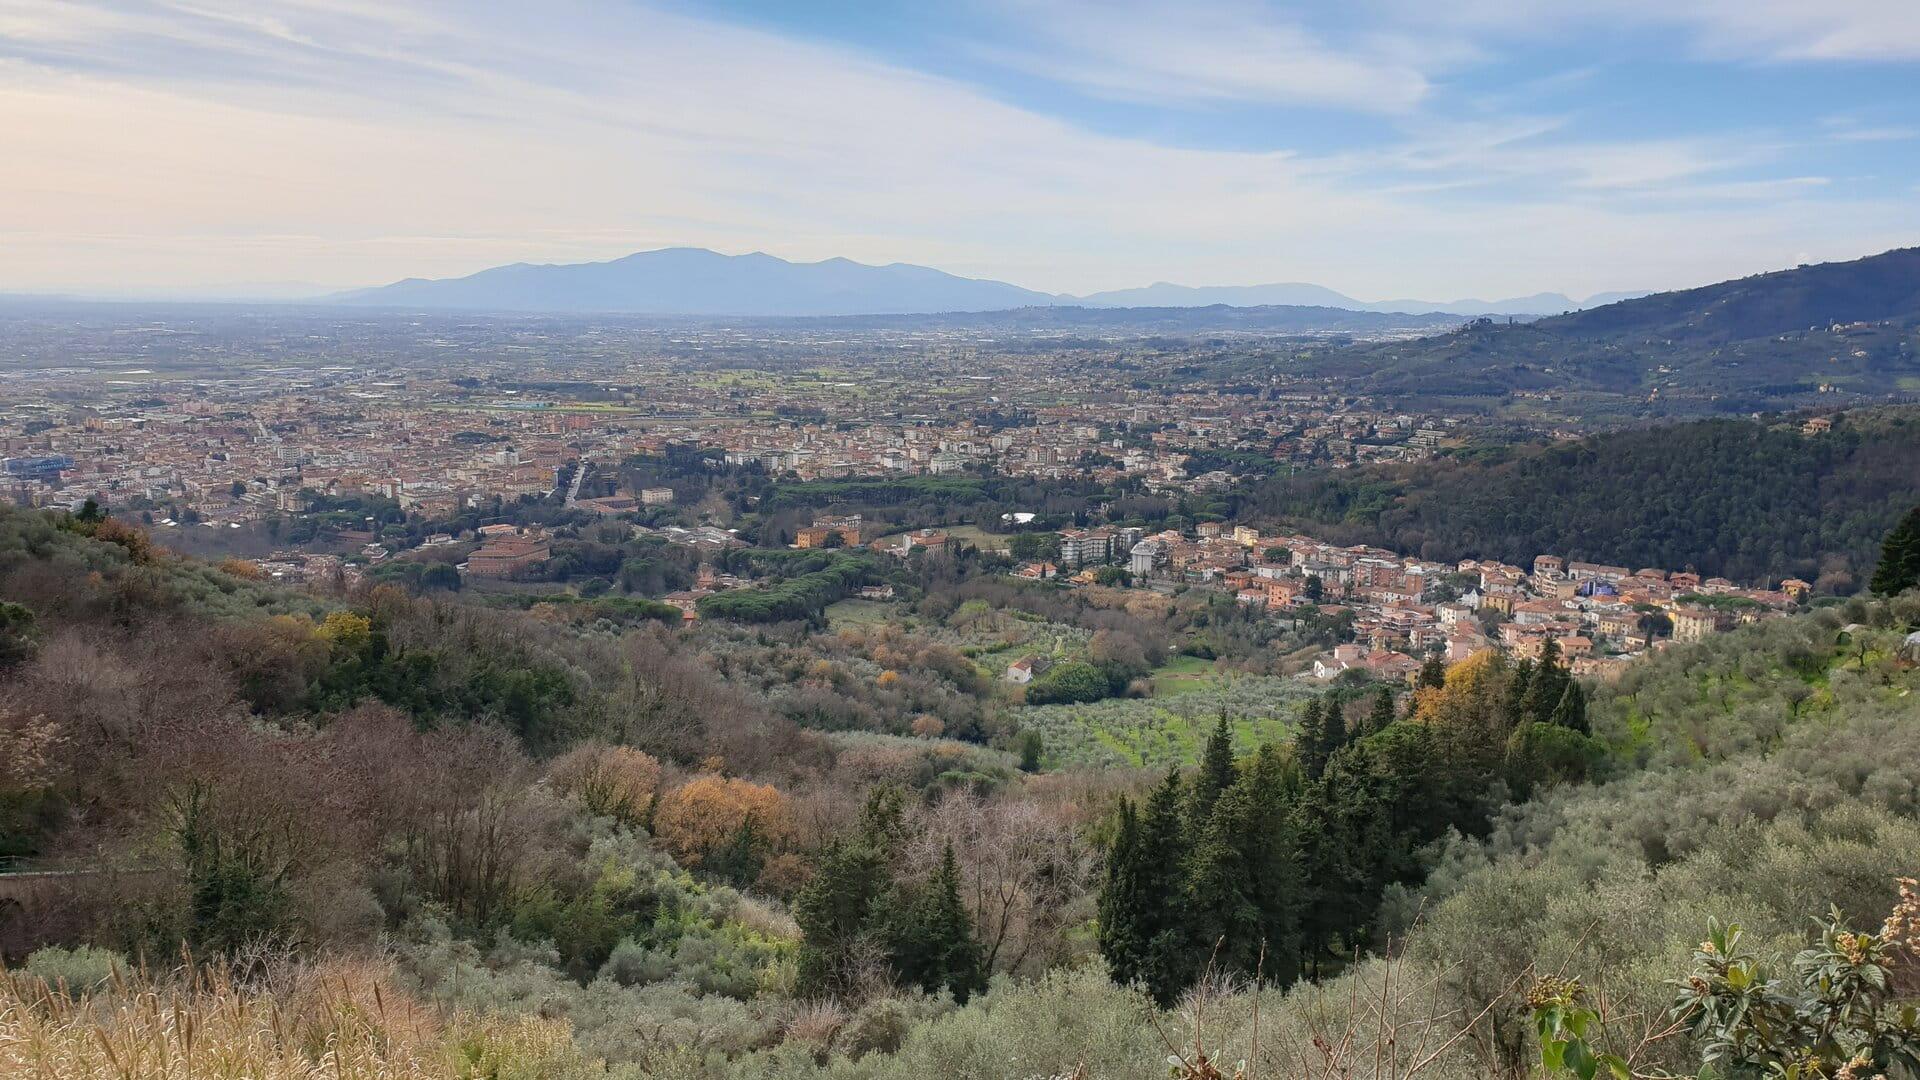 Una vista stupenda dall'alto su tutta la Valdinievole con i suoi tanti borghi medievali della provincia di Pistoia. Sullo sfondo si vedono grandi montagne che si ergono verso il cielo.